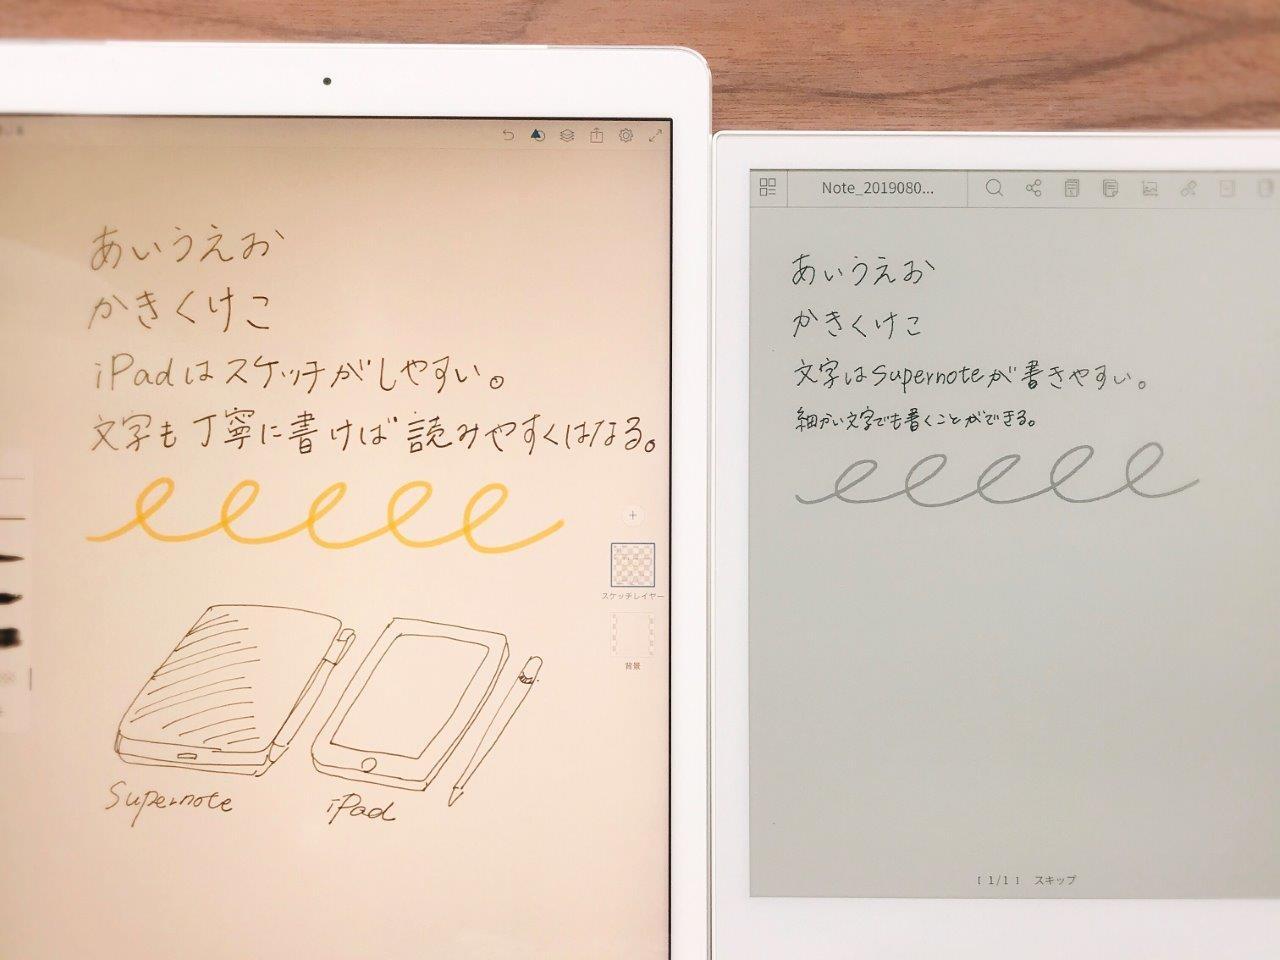 iPad Pro(左)とSupernote(右)の比較。細かい文字はSupernoteのほうが書きやすい